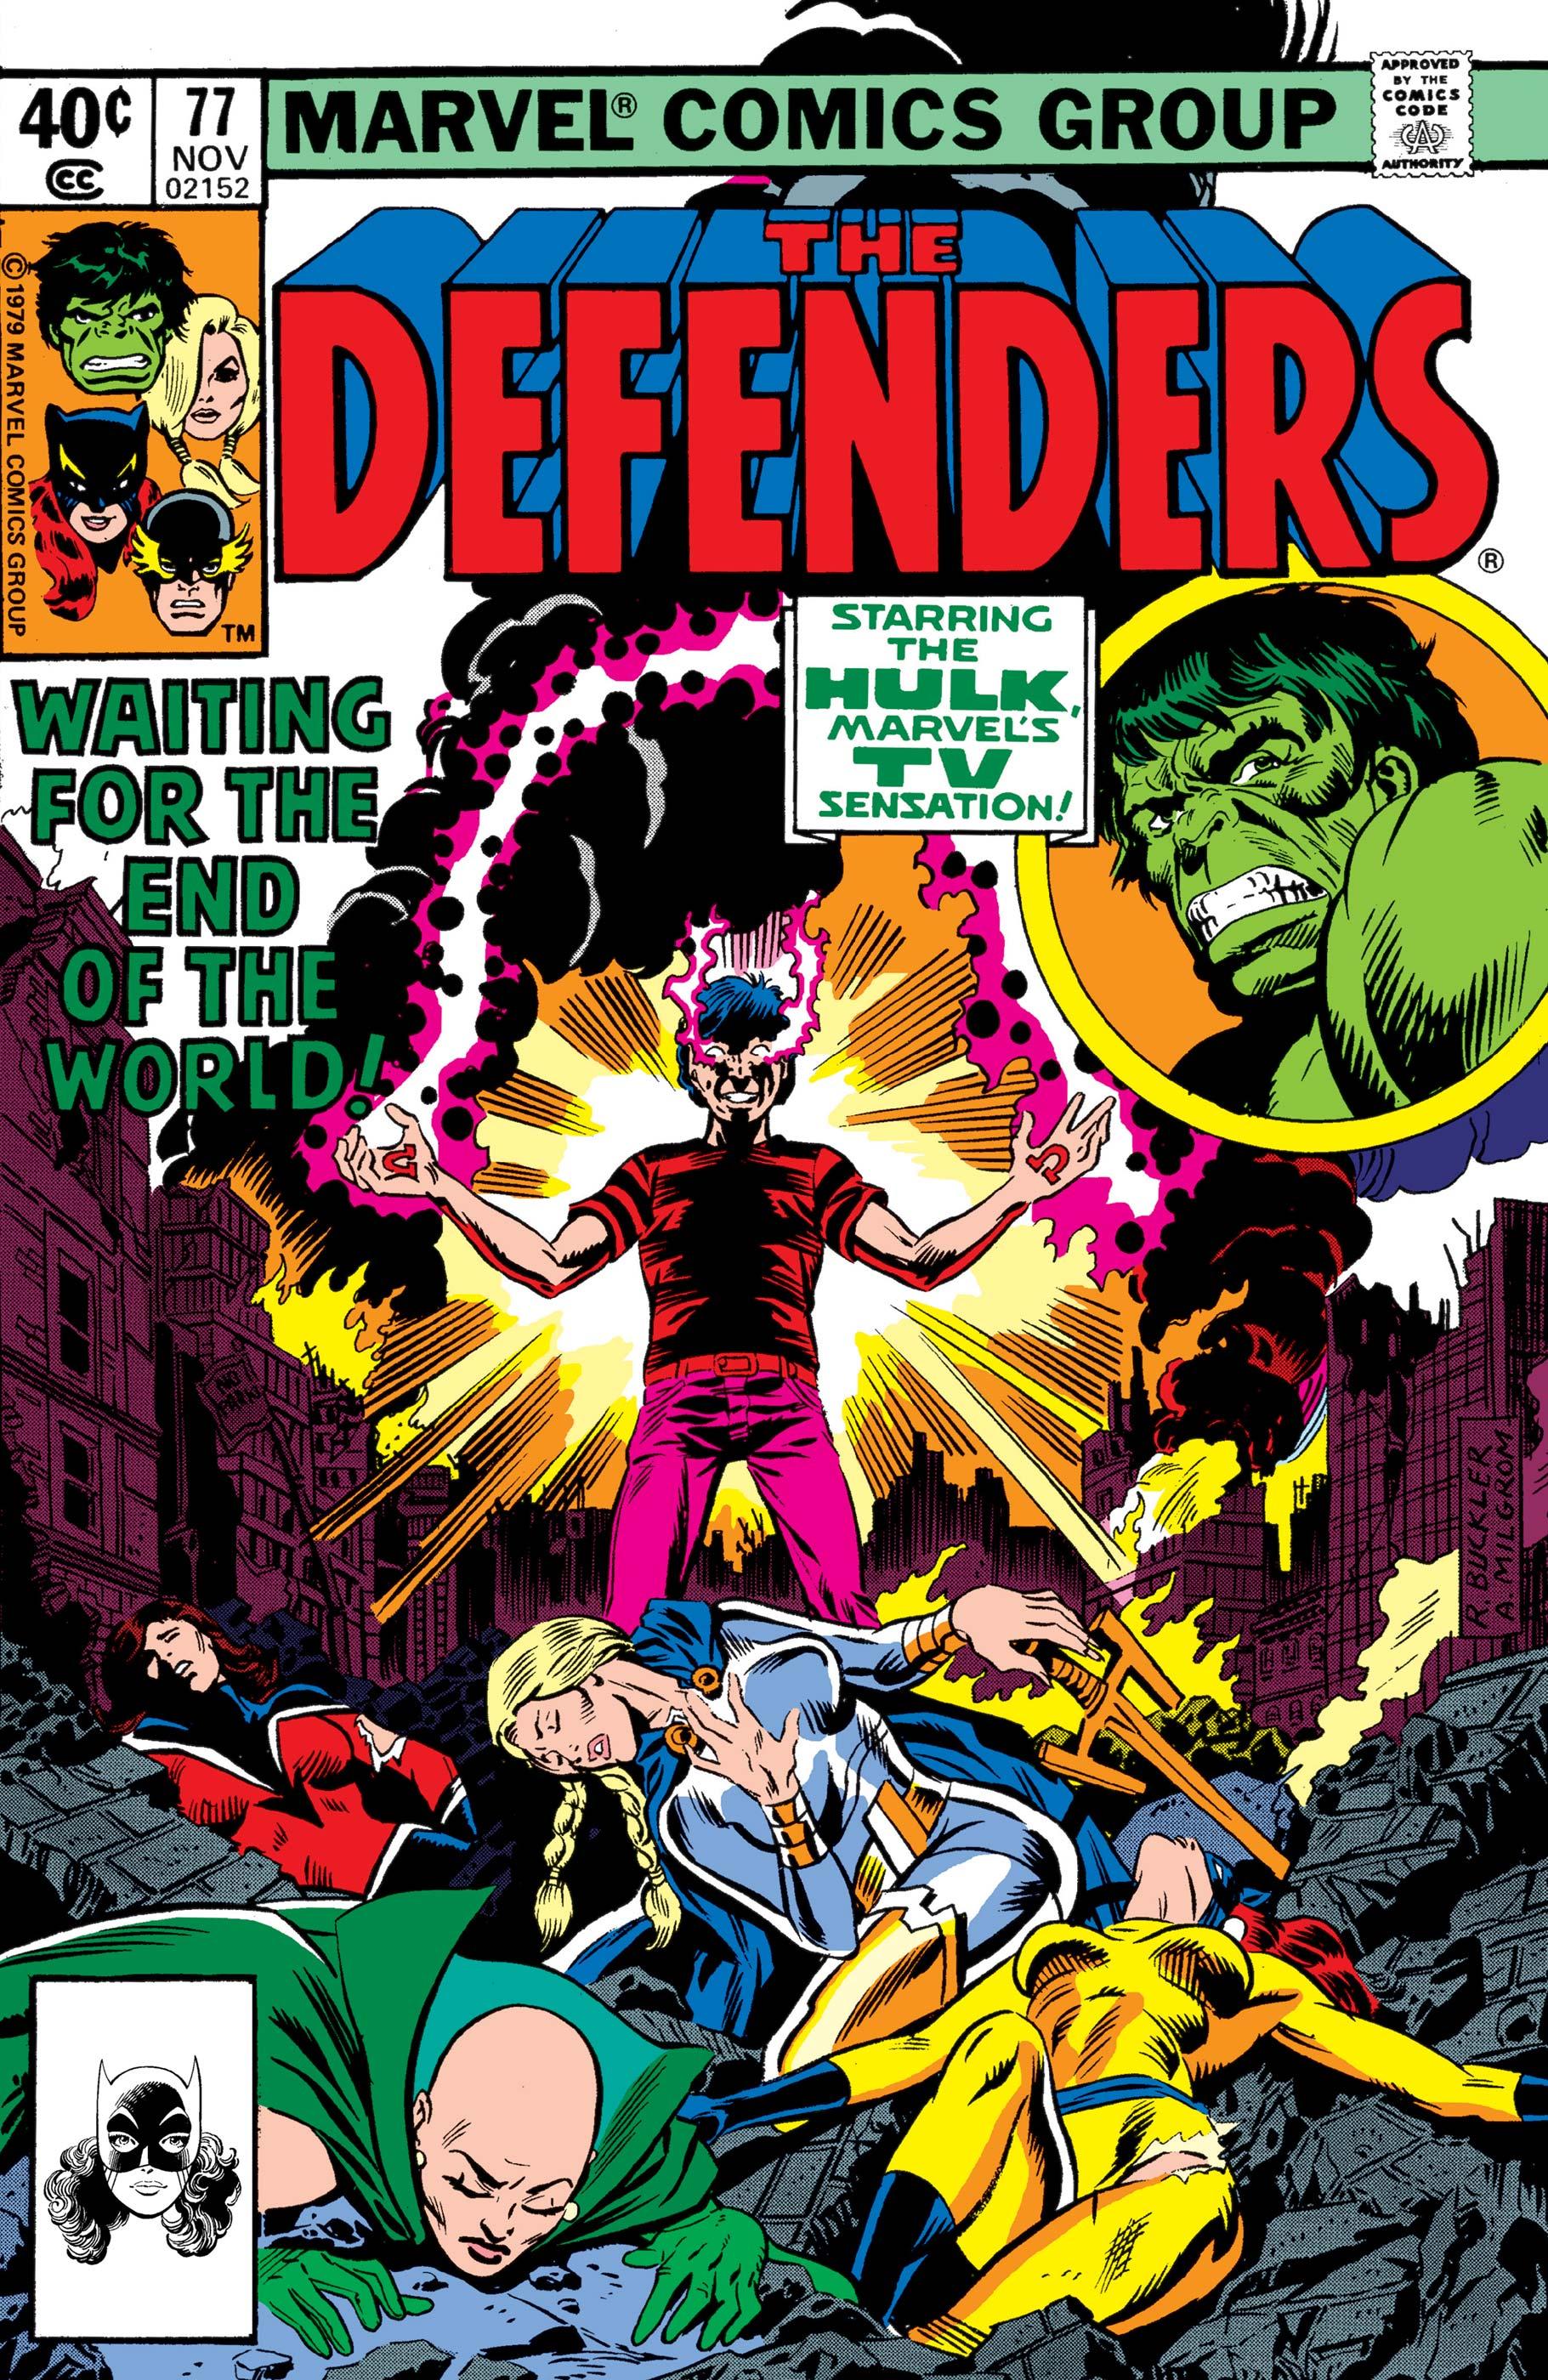 Defenders (1972) #77